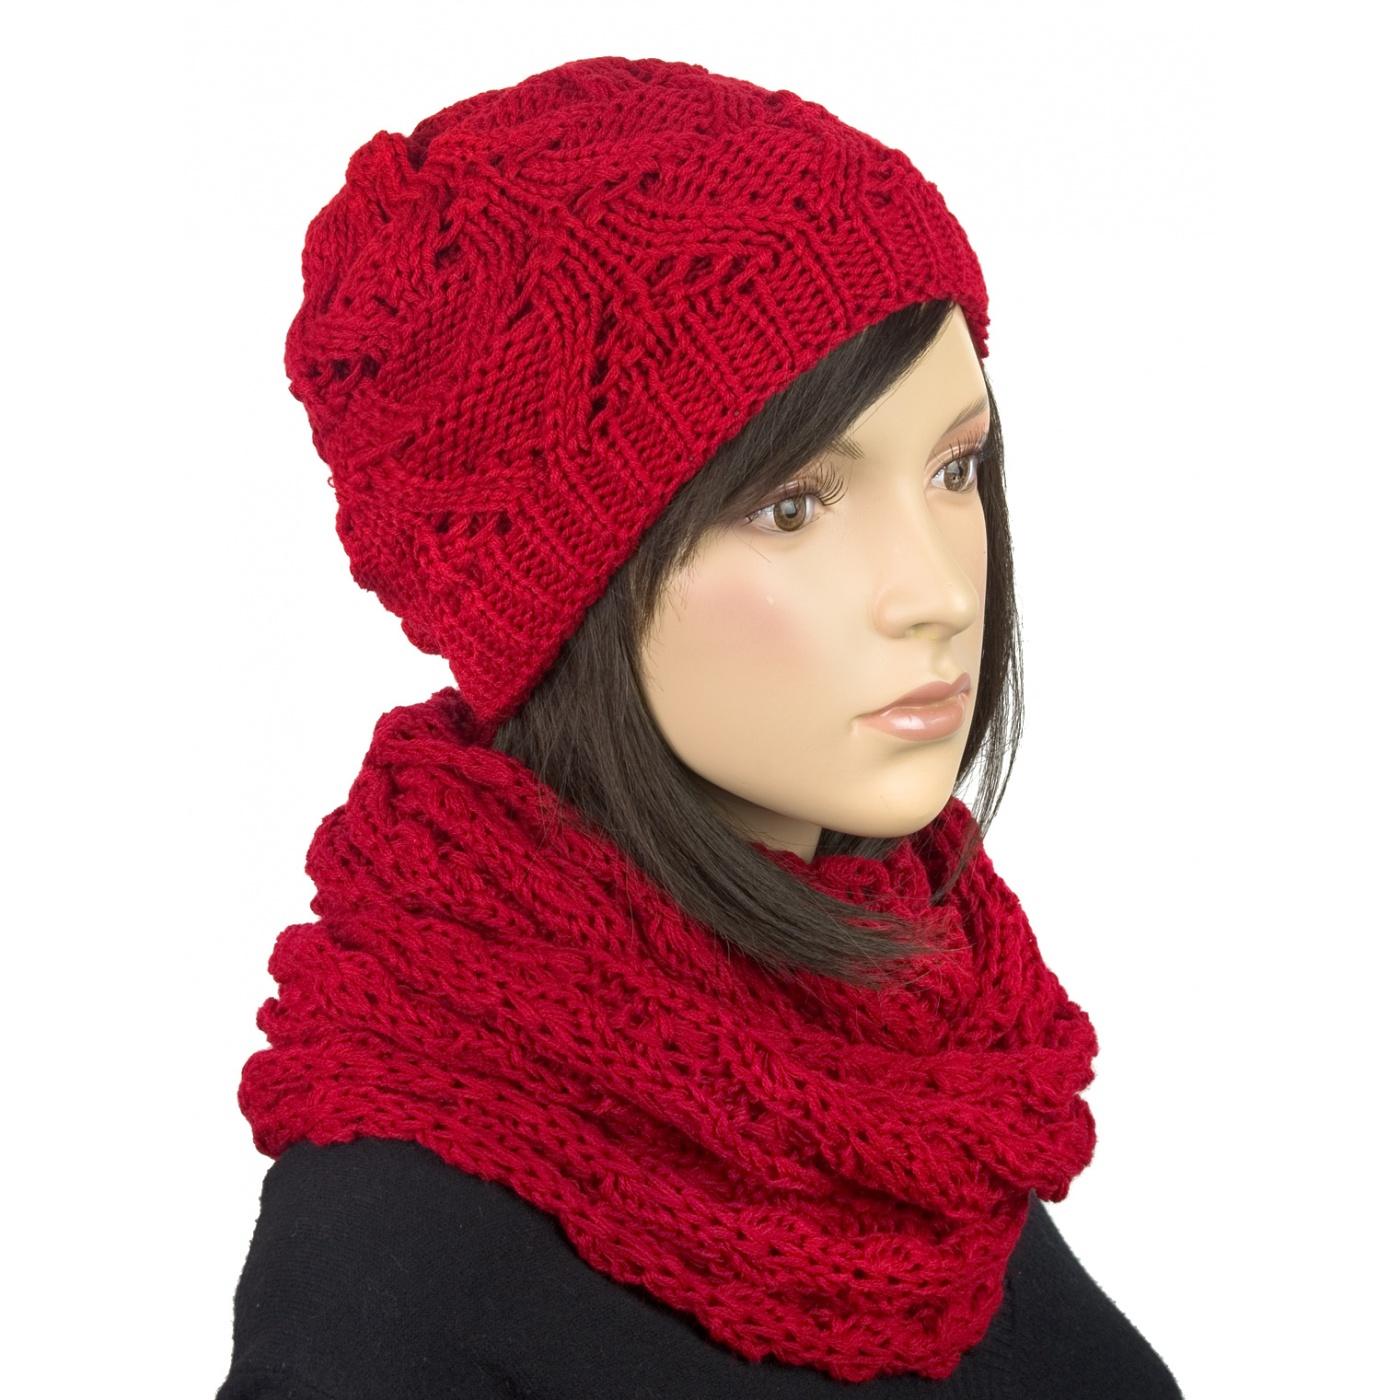 Komplet - Czapka zimowa damska i ciepły komin: czerwony